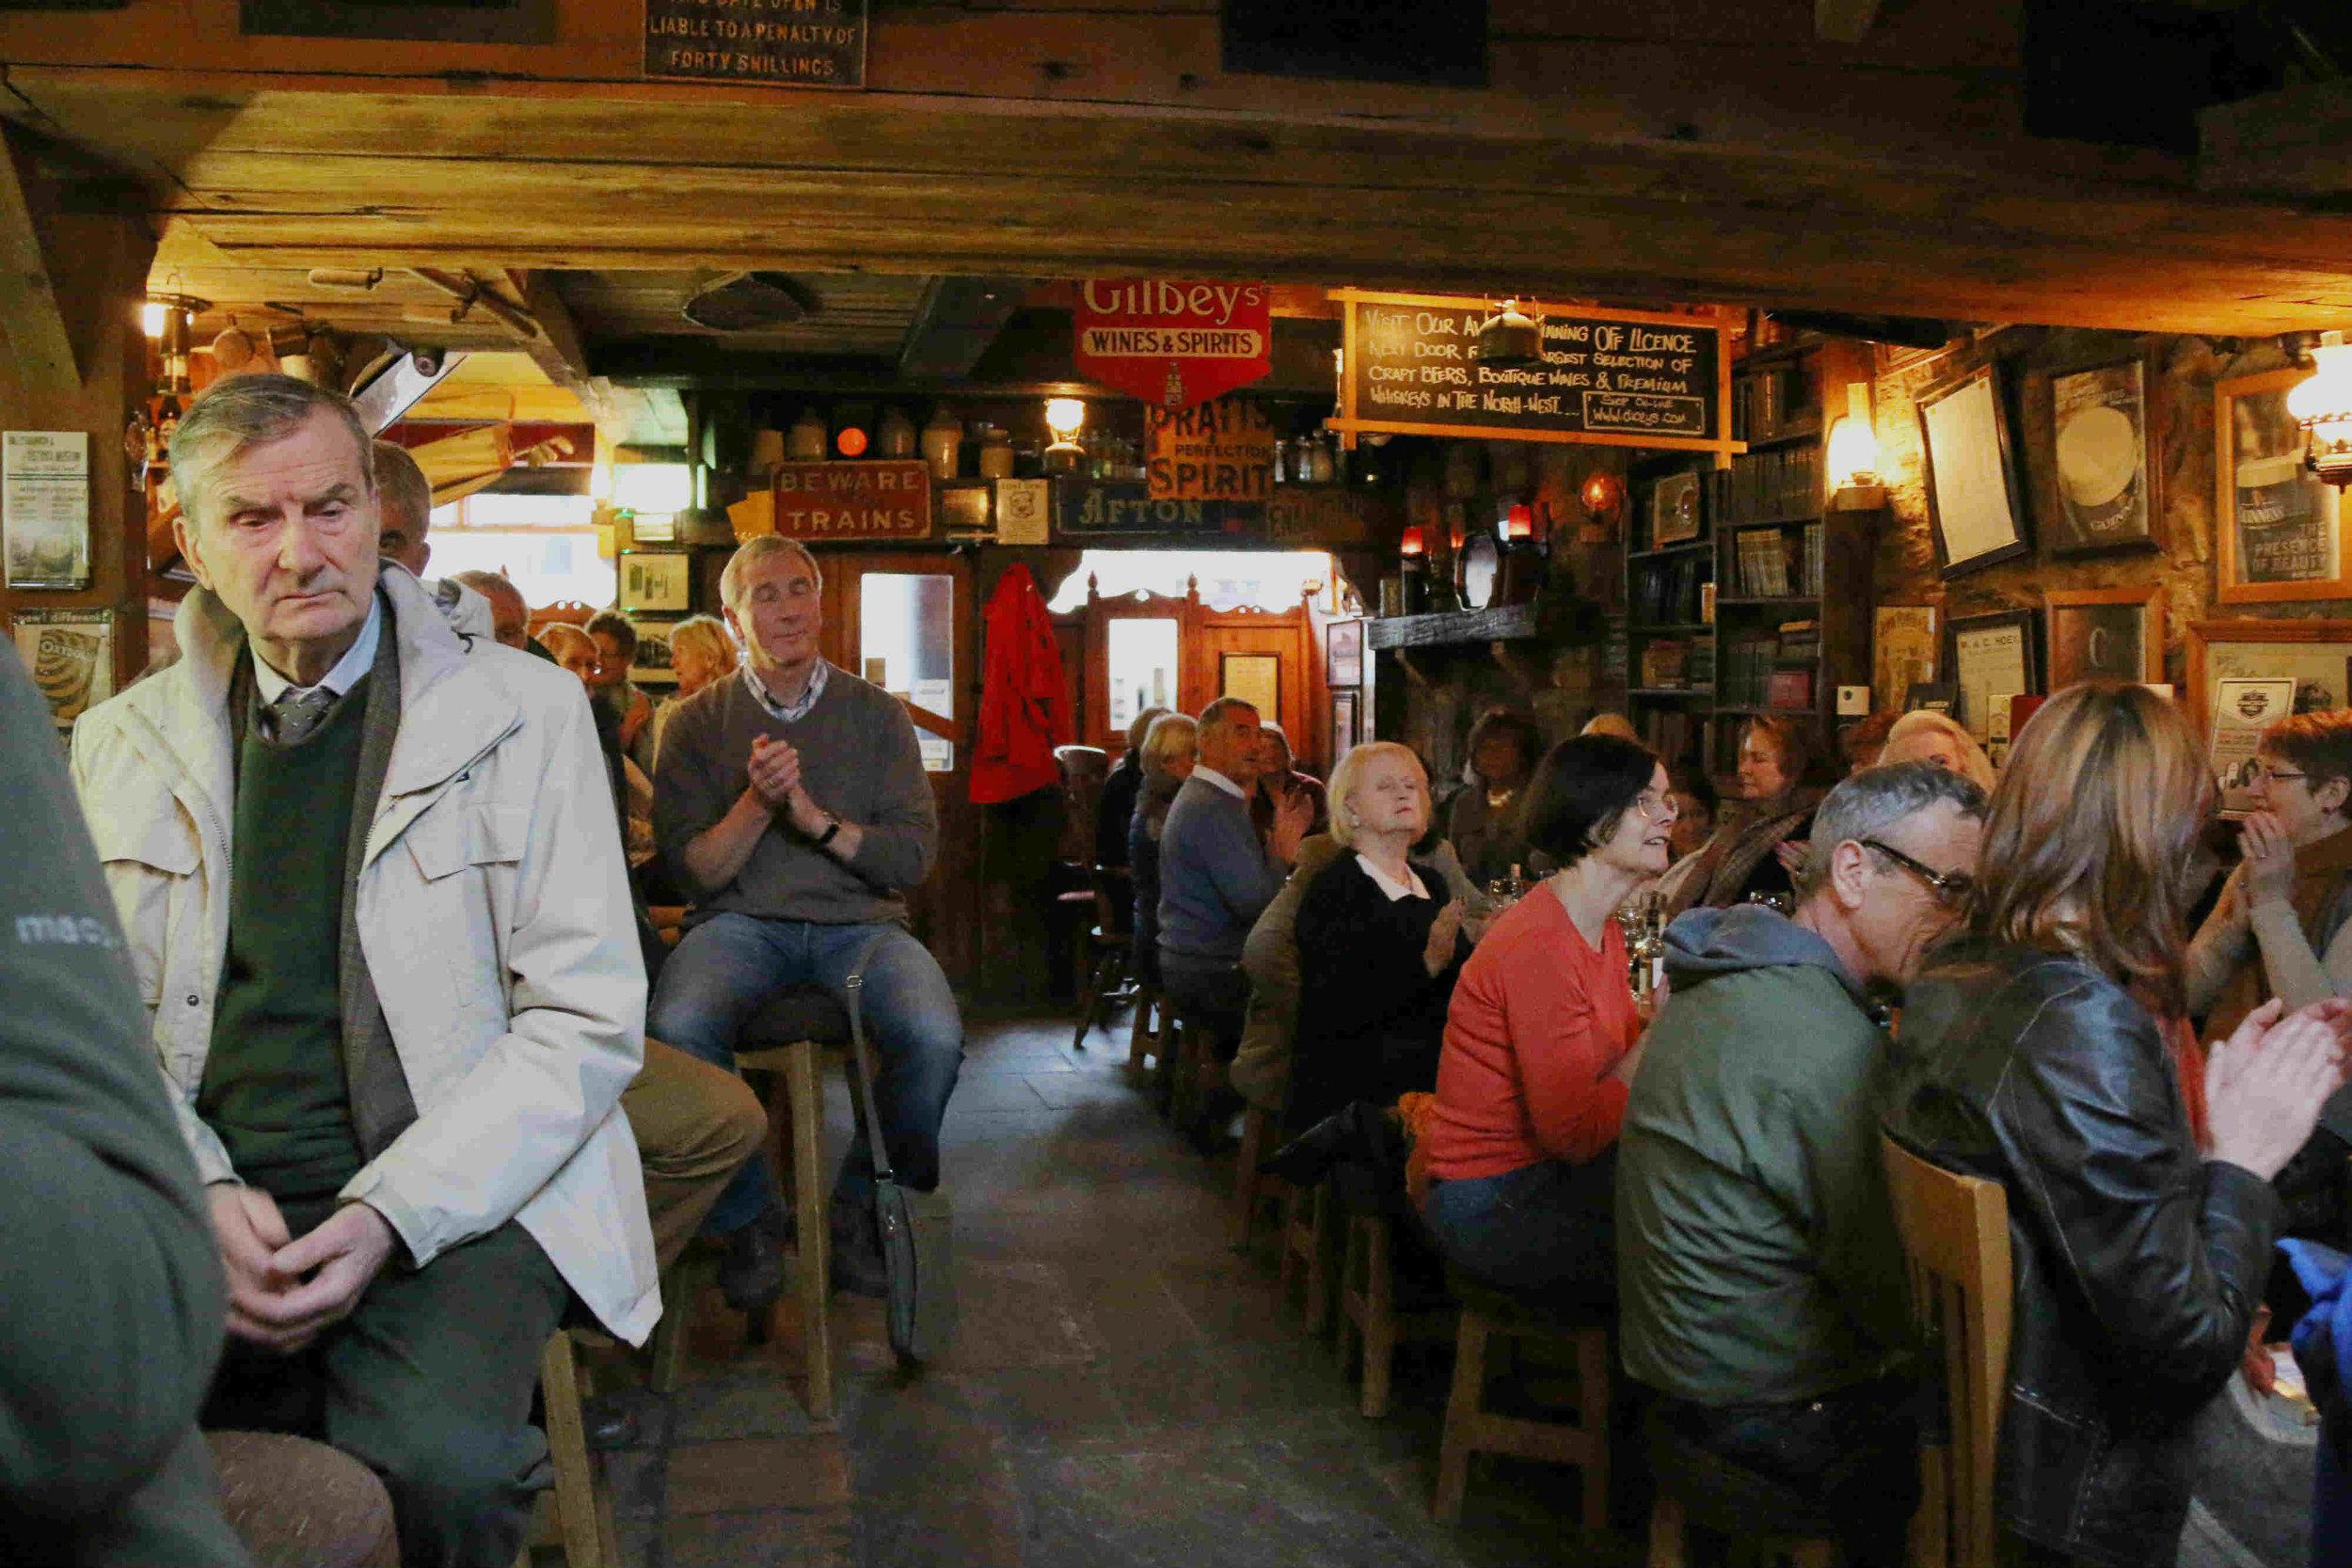 Poetry Reading with Mick Delap - Allingham Festival 2016, Ballyshannon-29.jpg